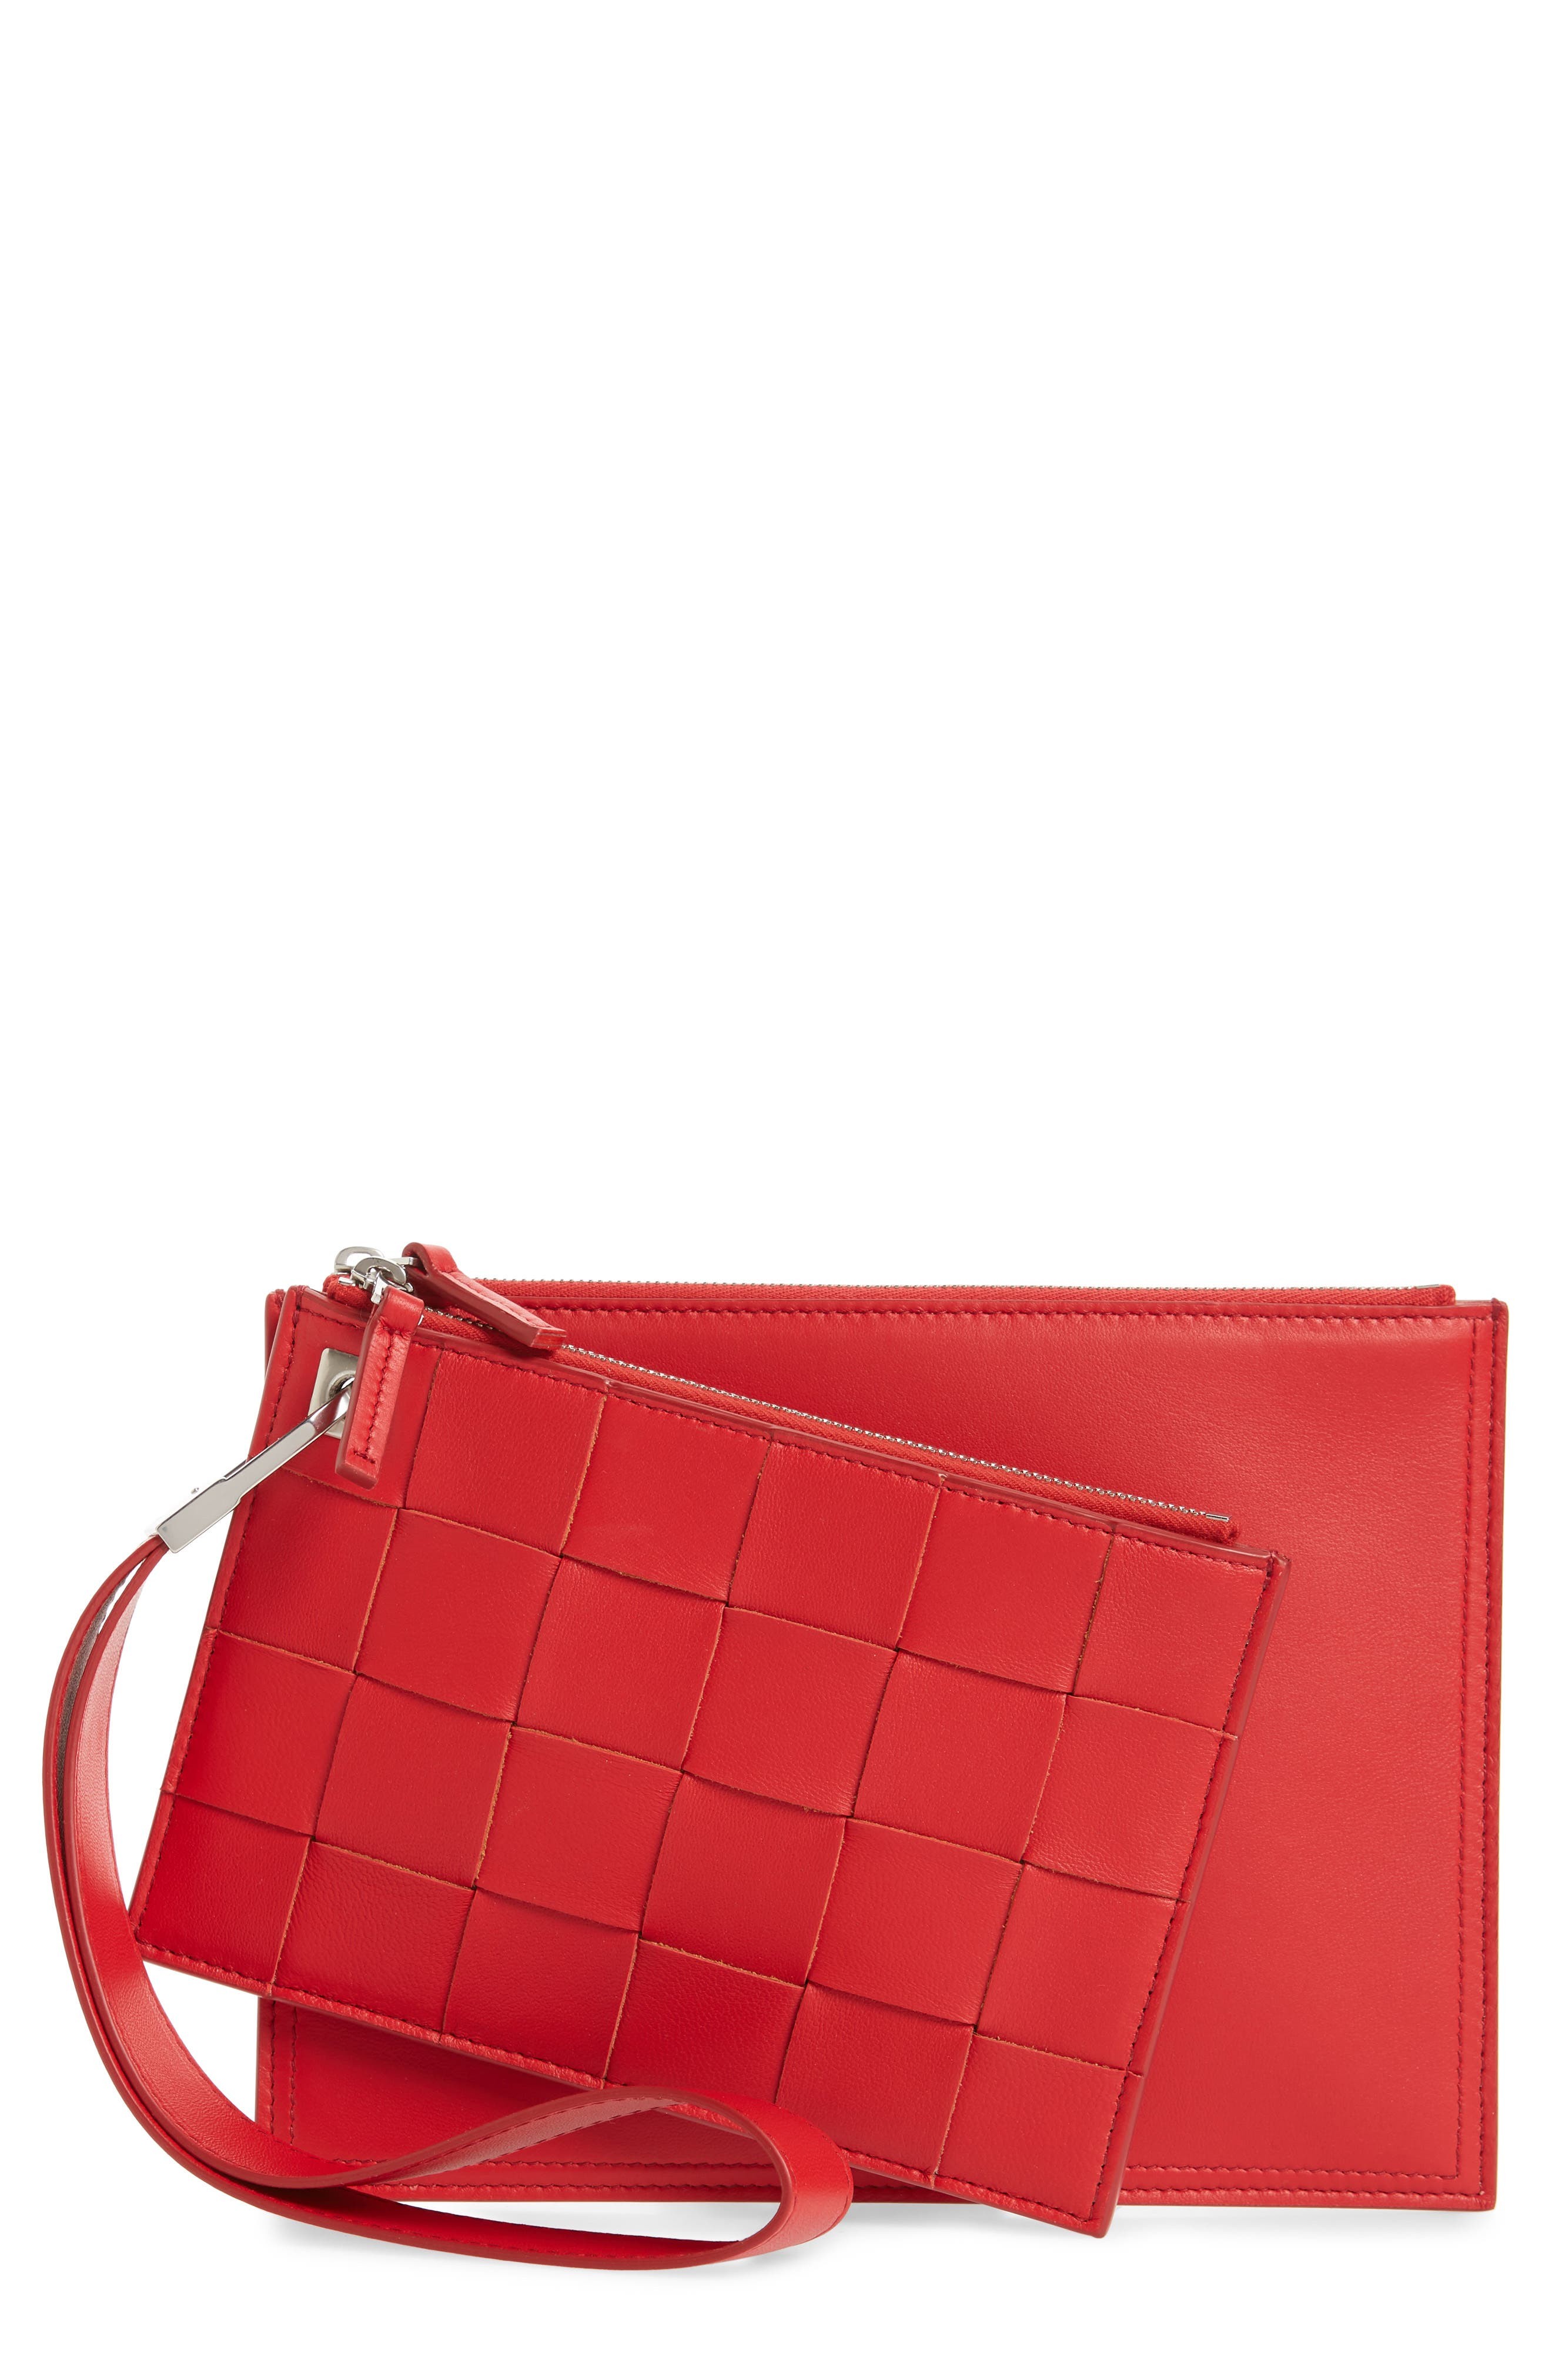 94ccf1fd2e1f Women's Designer Handbags & Wallets | Nordstrom